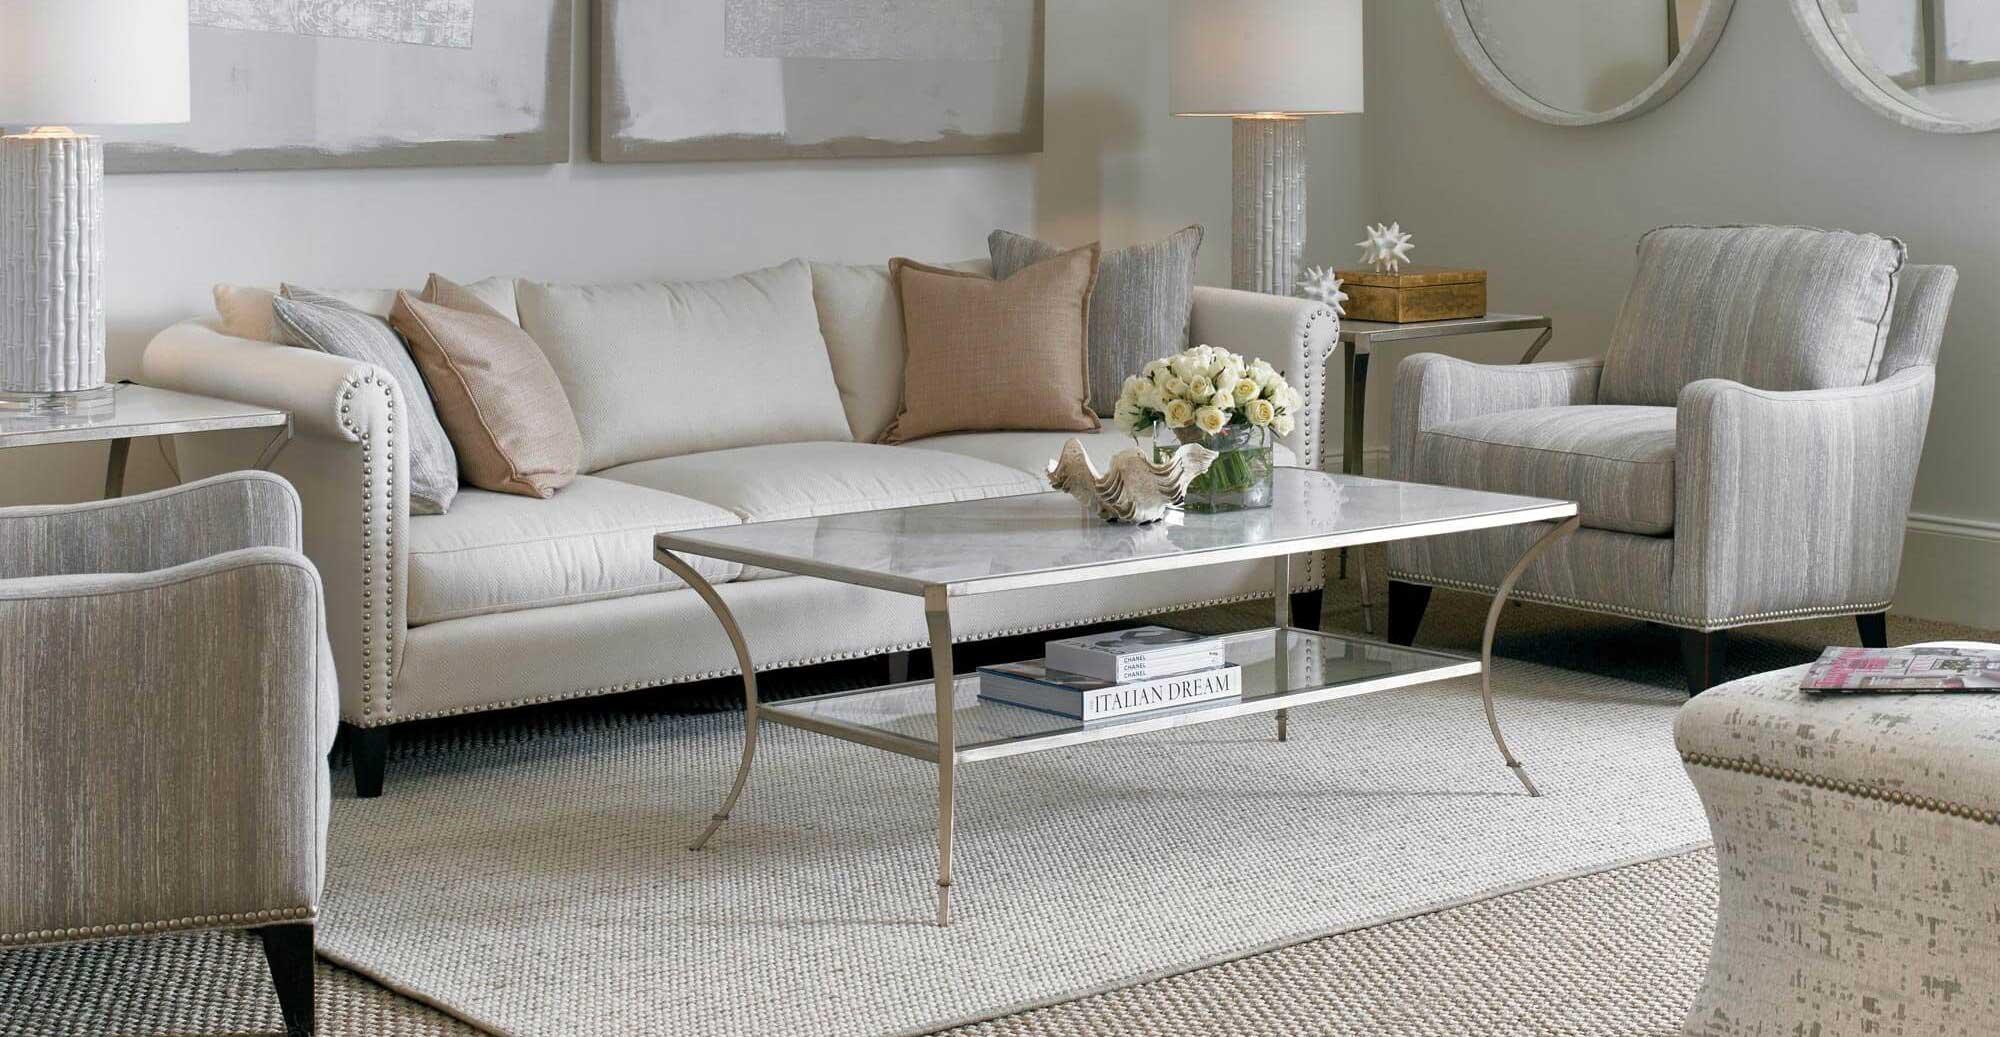 مبل راحتی پارچه ای توسی سفید آینه گرد دایره ای میز چلو مبلی استیل شیشه ای